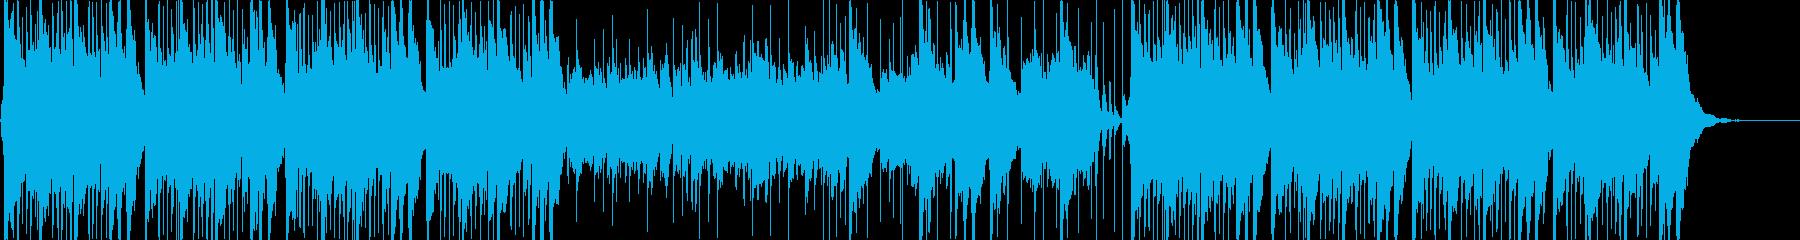 ギルドで流れてそうな民族音楽 ケルトの再生済みの波形